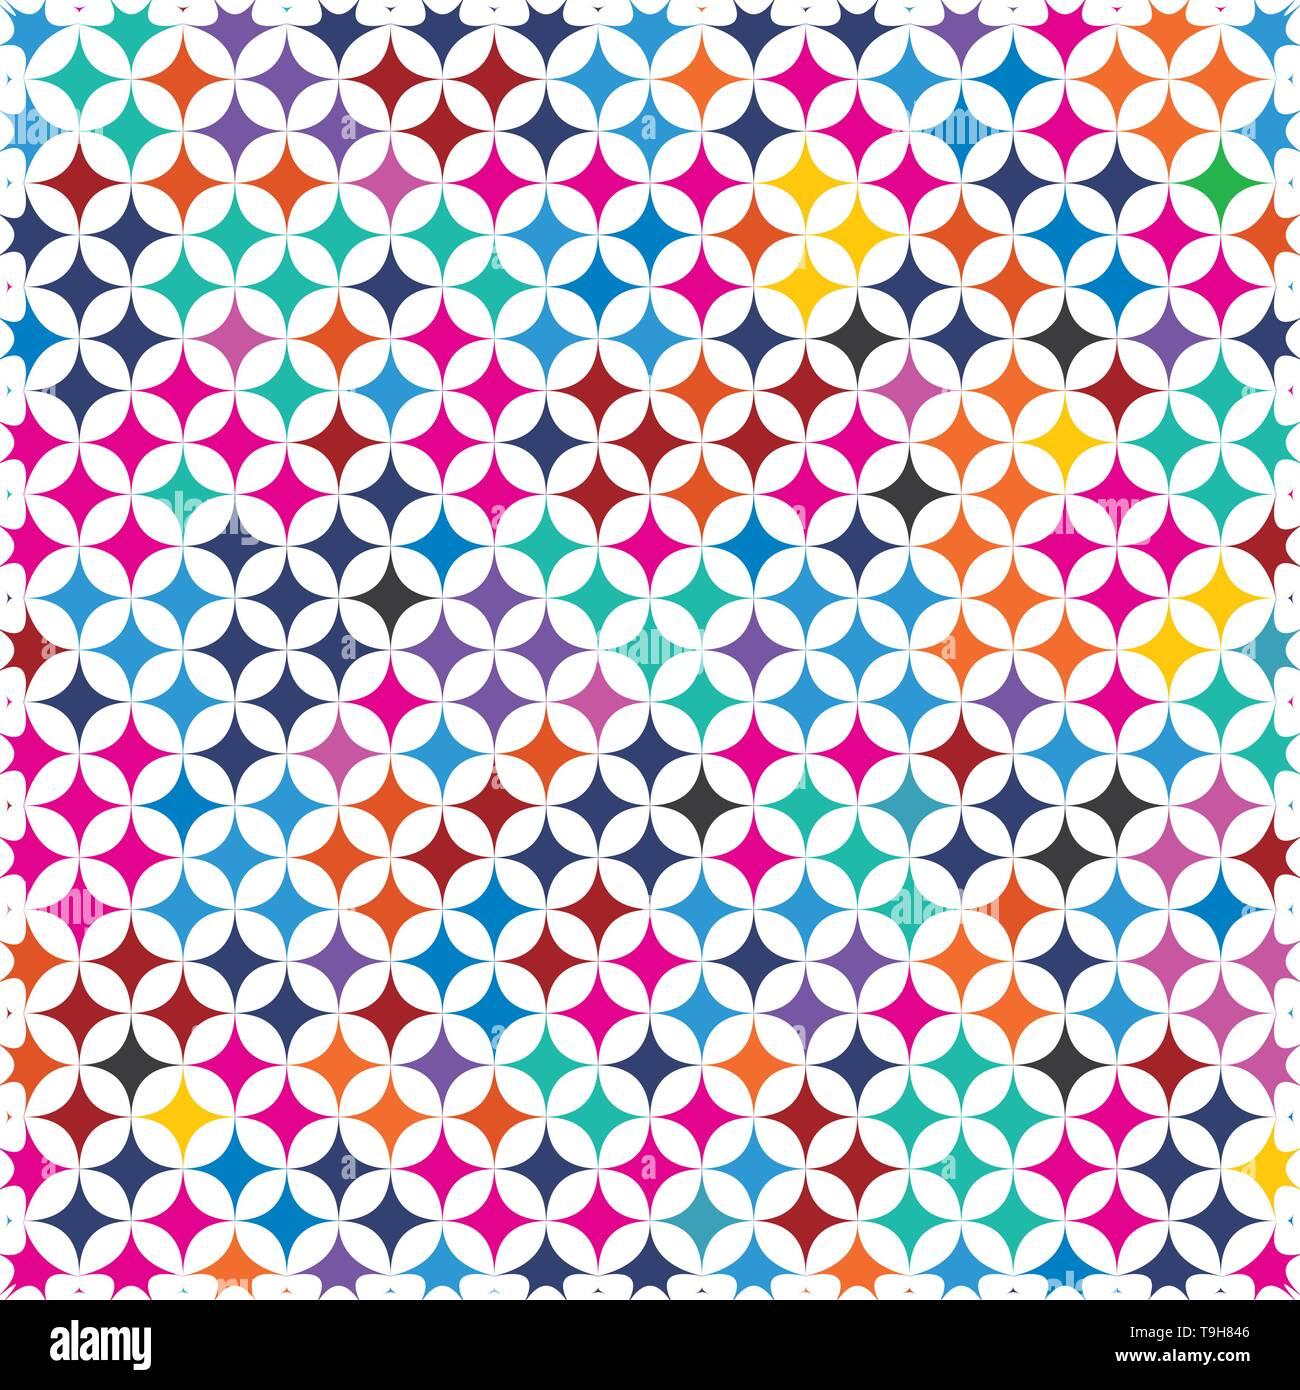 Bunte Retro625 Diamond Form abstrakter Hintergrund Muster Textur. Moderne isolierte Konzept In der Pop Art Farben Spektrum Stock Vektor